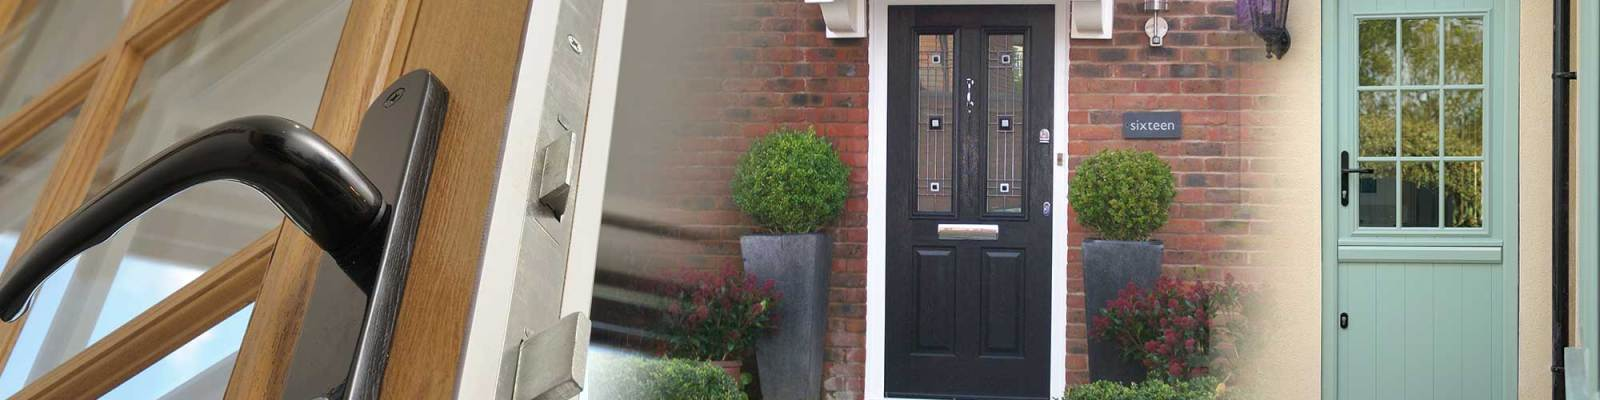 Commercial Door Services For Toronto And The Gta Ontario Door